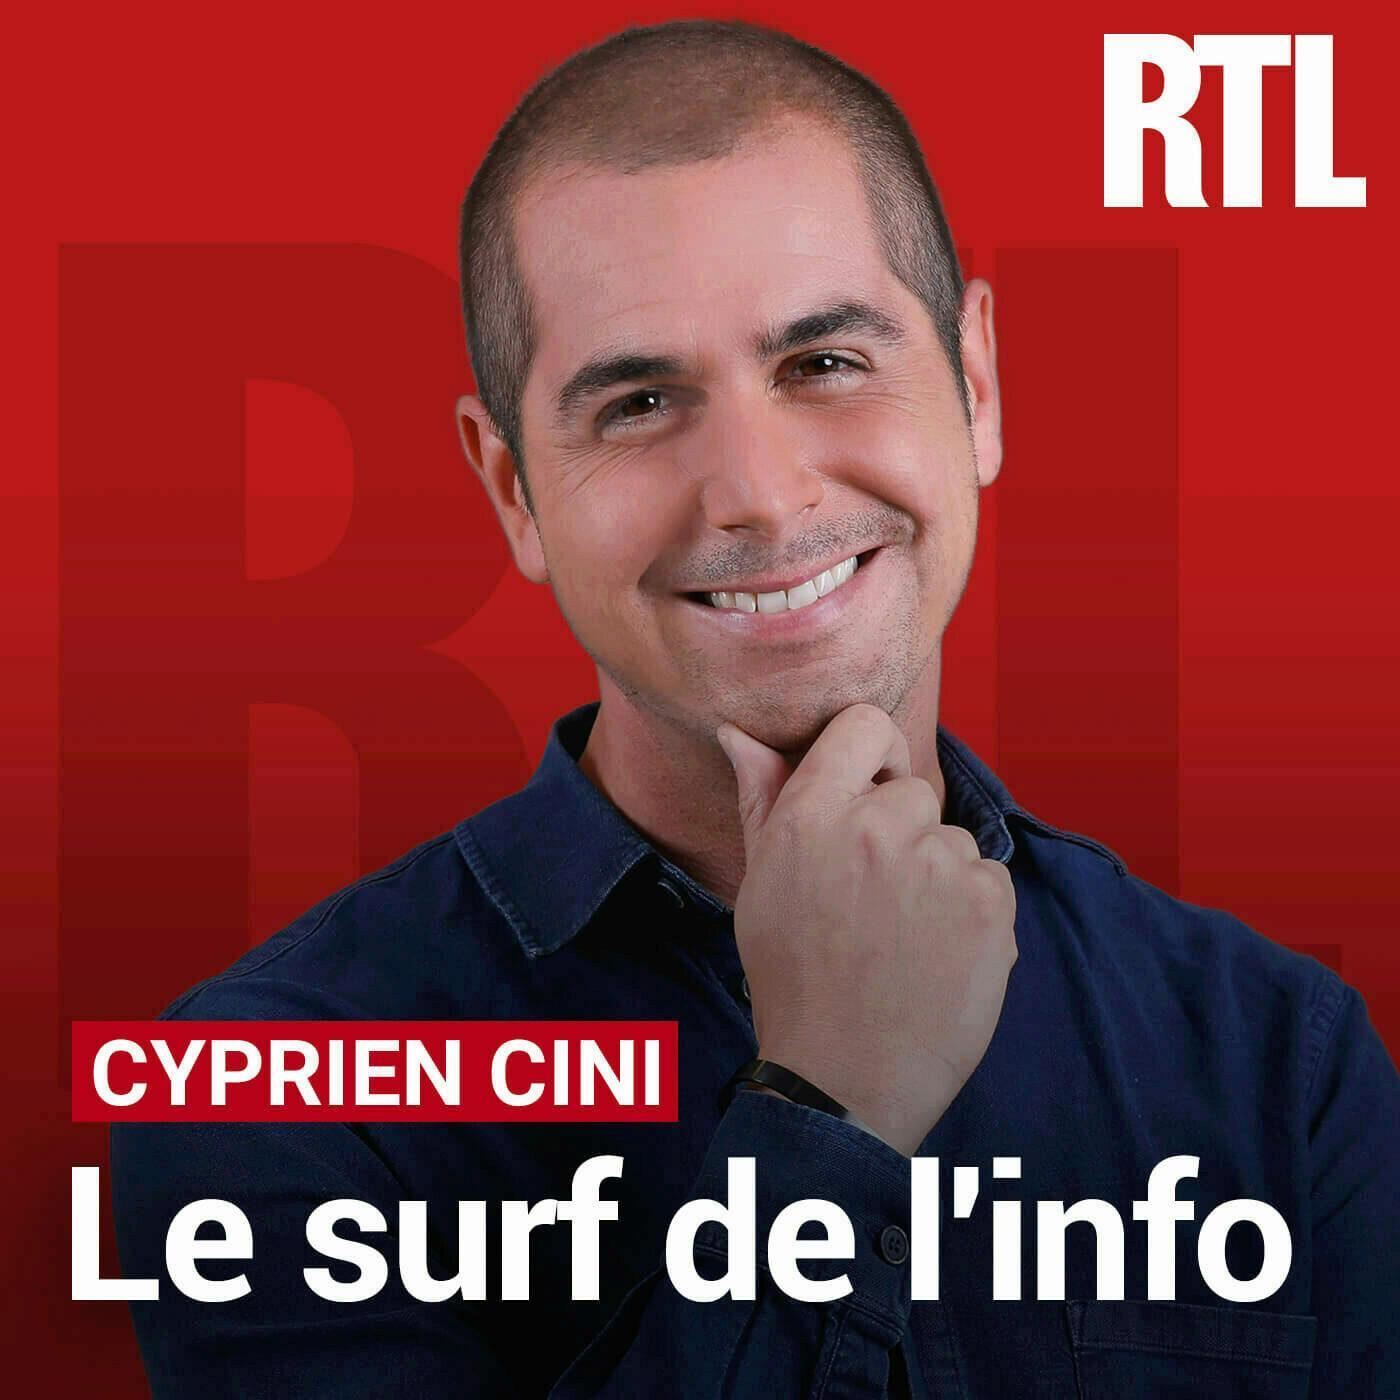 Image 1: Le surf de l info